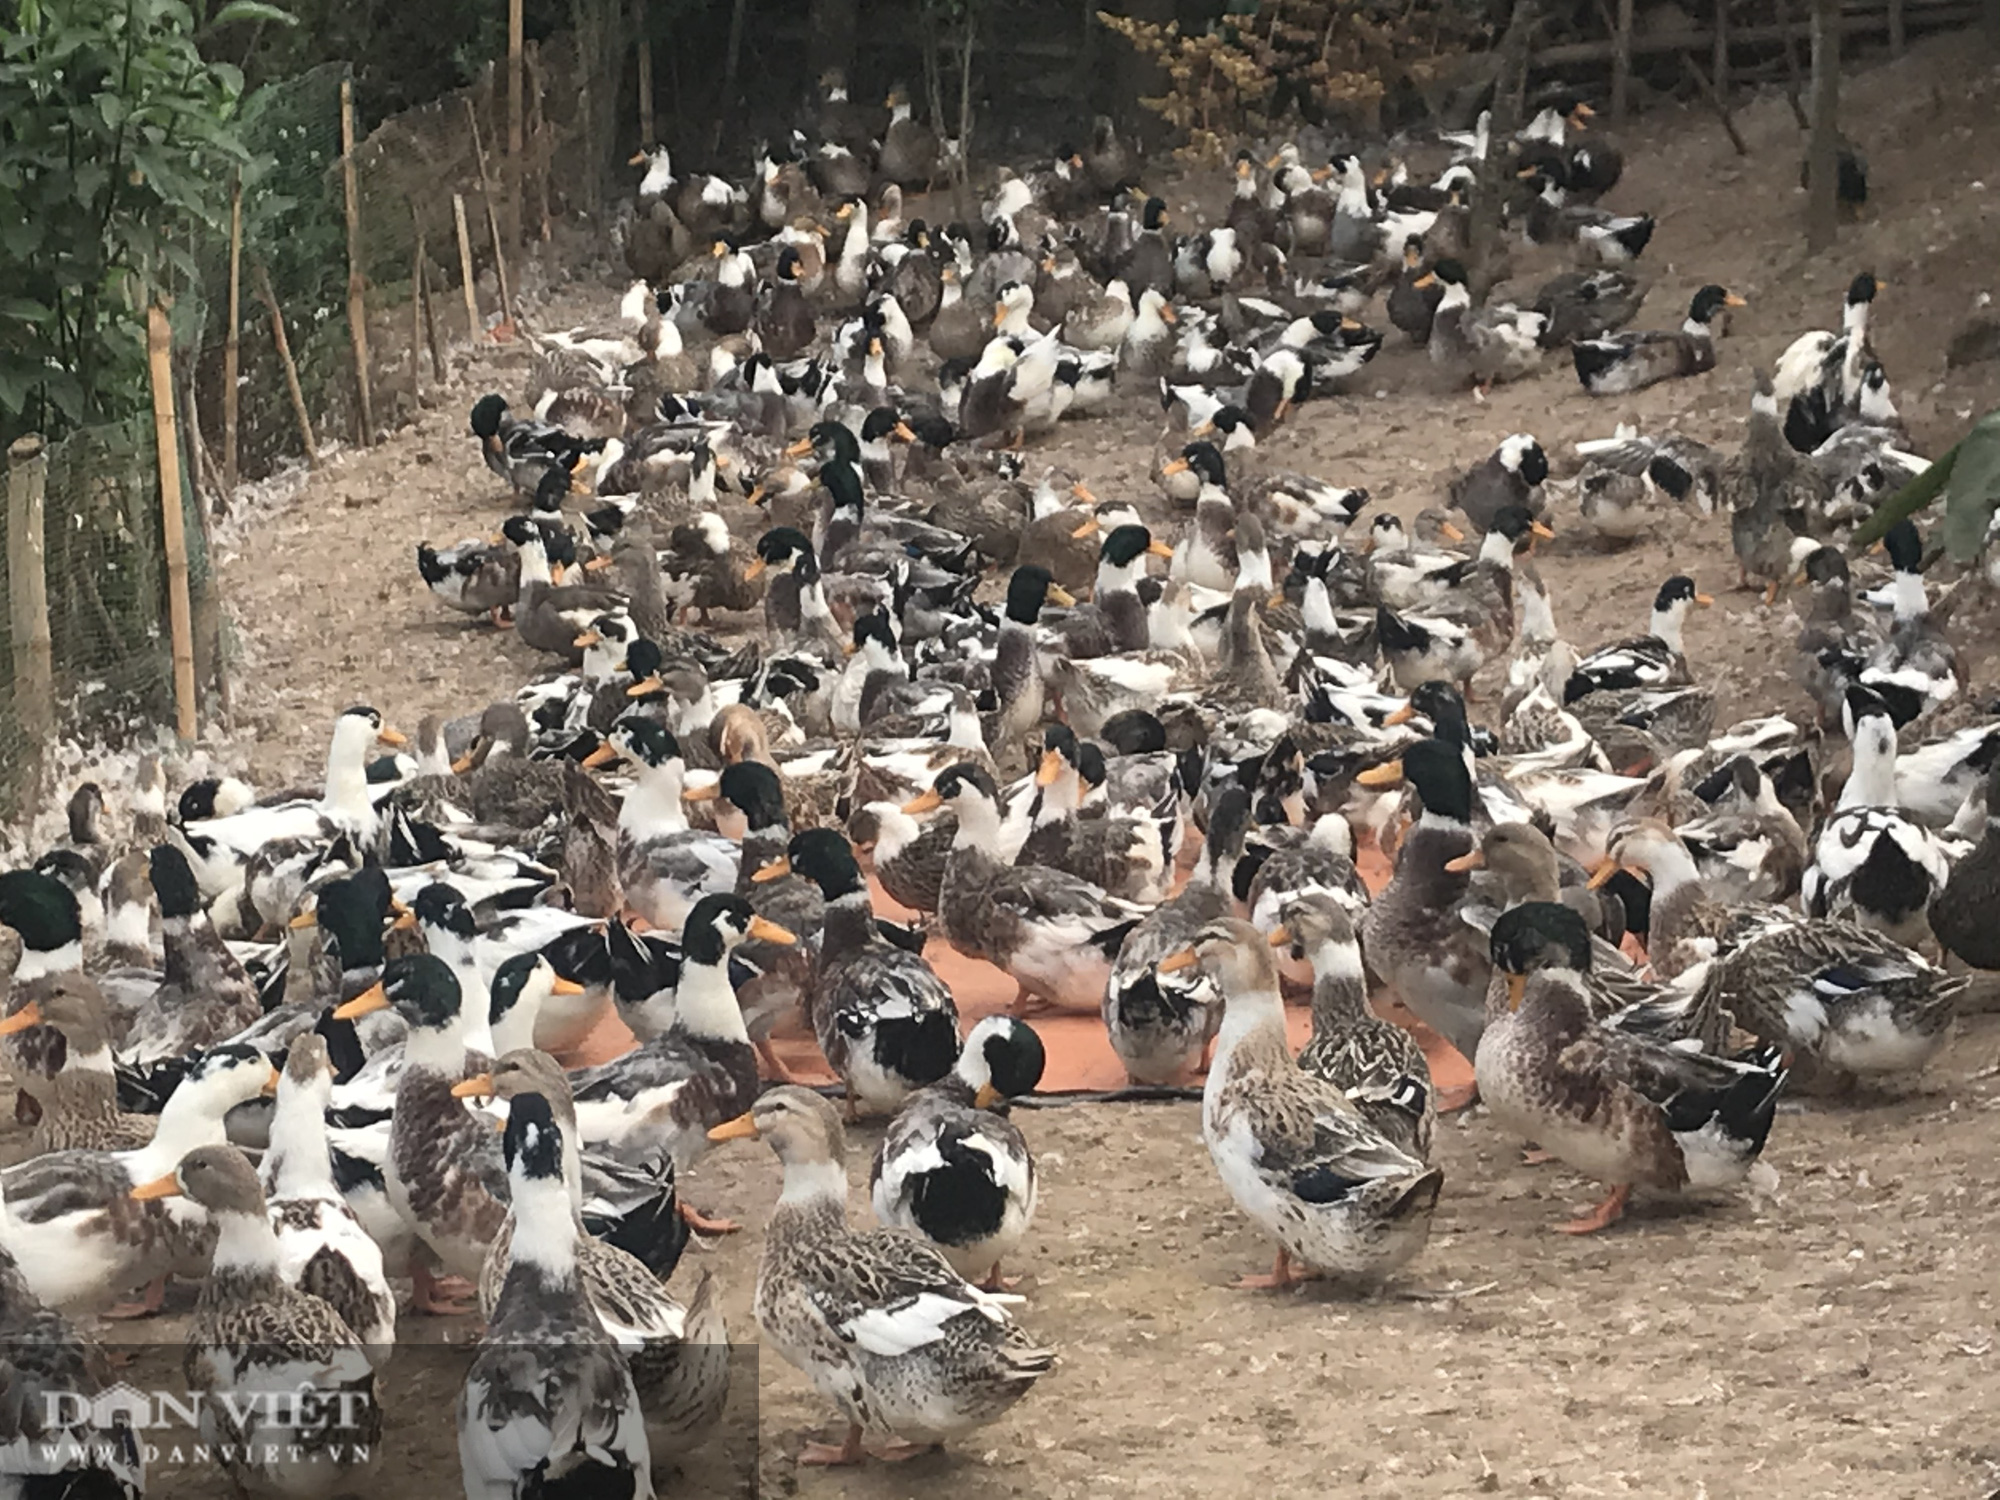 Nuôi con lông xám, ánh xanh lam, xanh lục, 1 nông dân đút túi cả trăm triệu đồng - Ảnh 5.